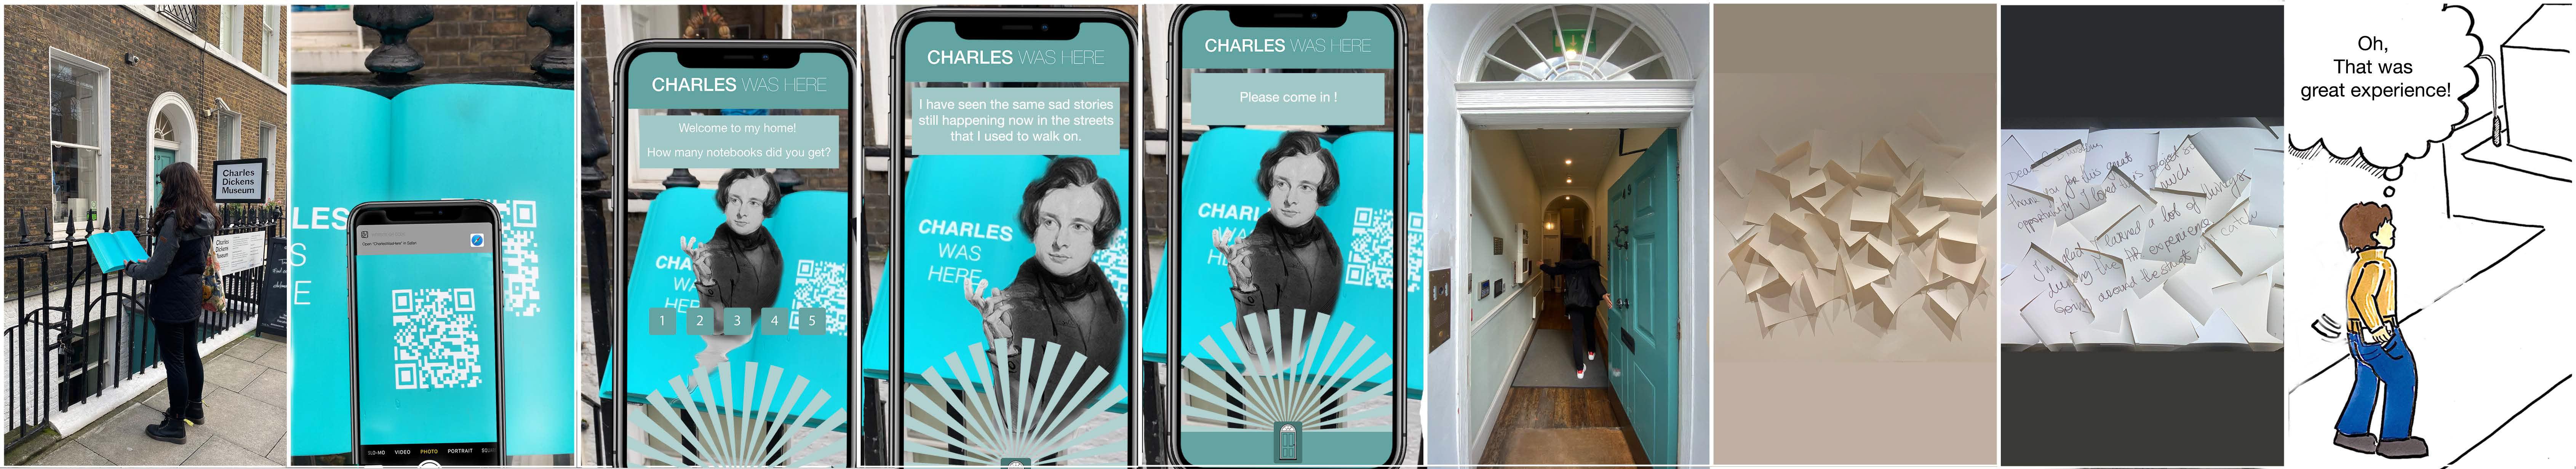 Charlesdickensmuseum_storyshape_05/12/2019